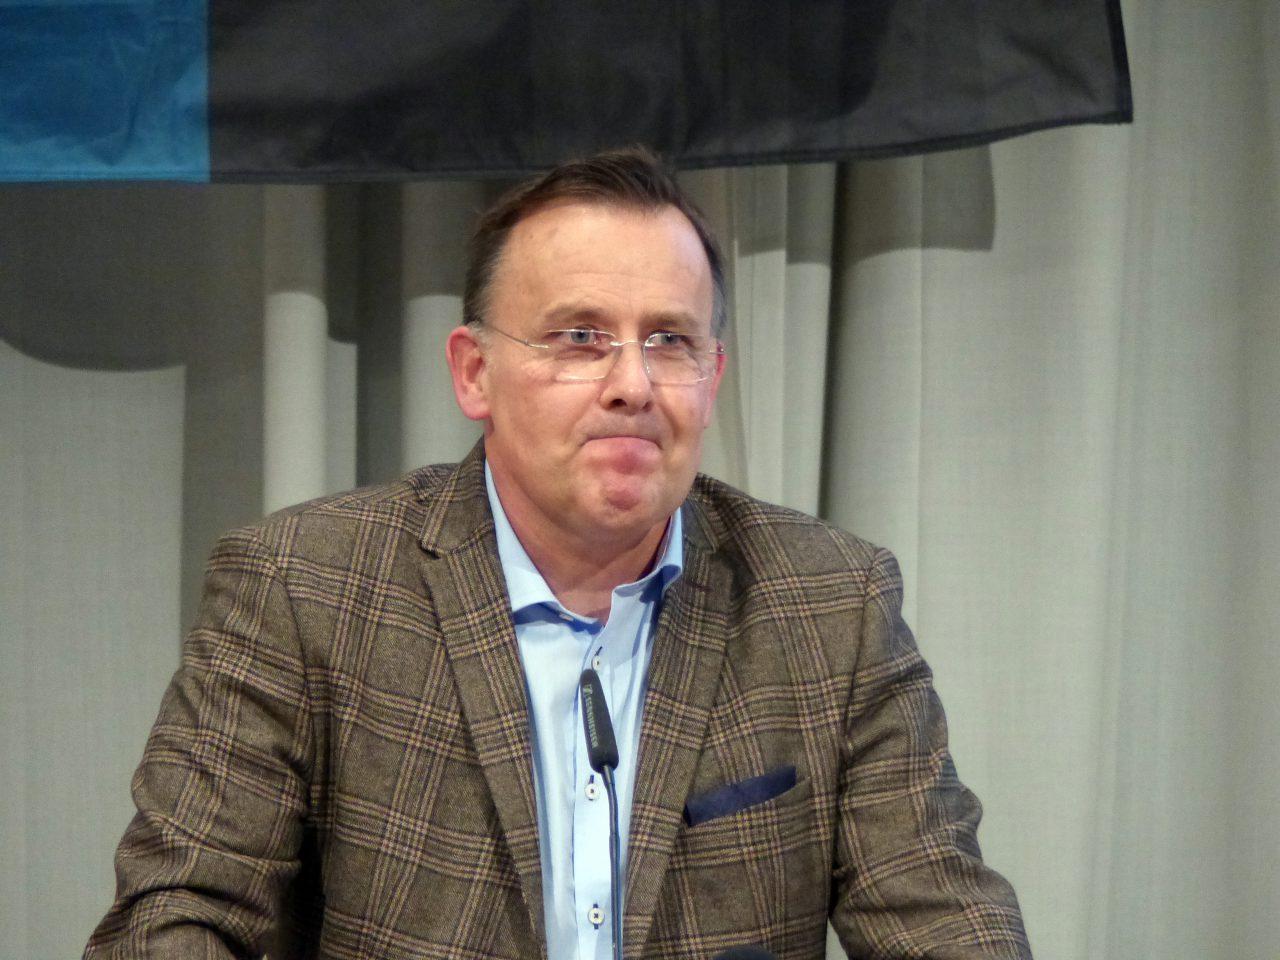 Dirk Franz, Geschäftsführer bei einem bayrischen Baukonzern, kam als Außenseiter - und blieb auf der Strecke.